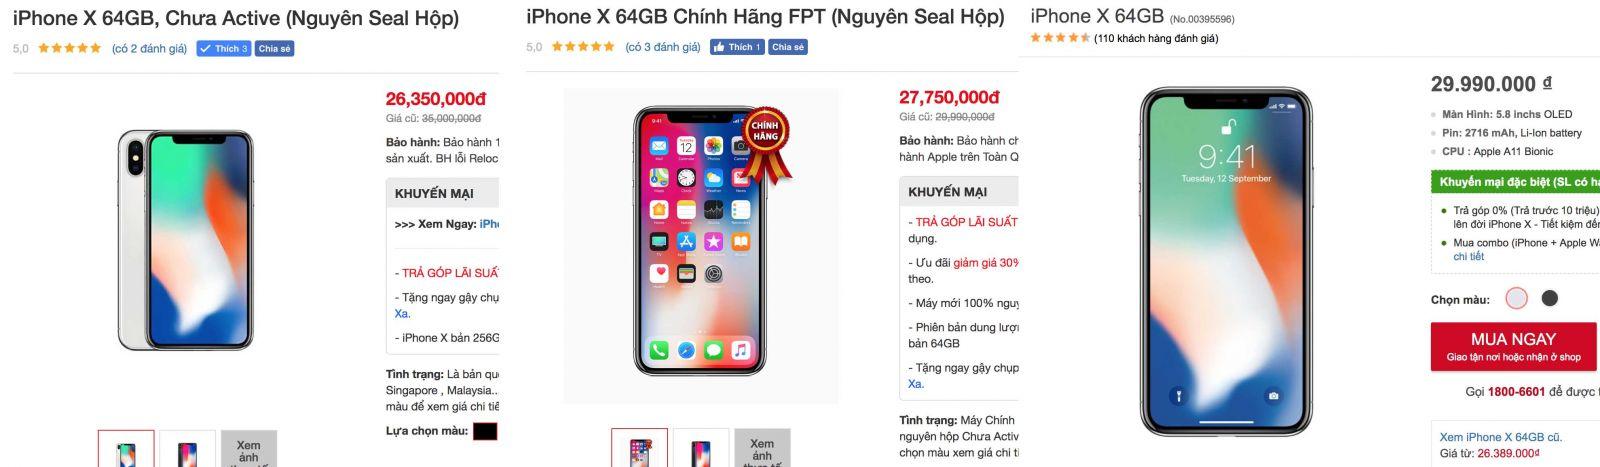 iPhone X chính hãng giá rẻ